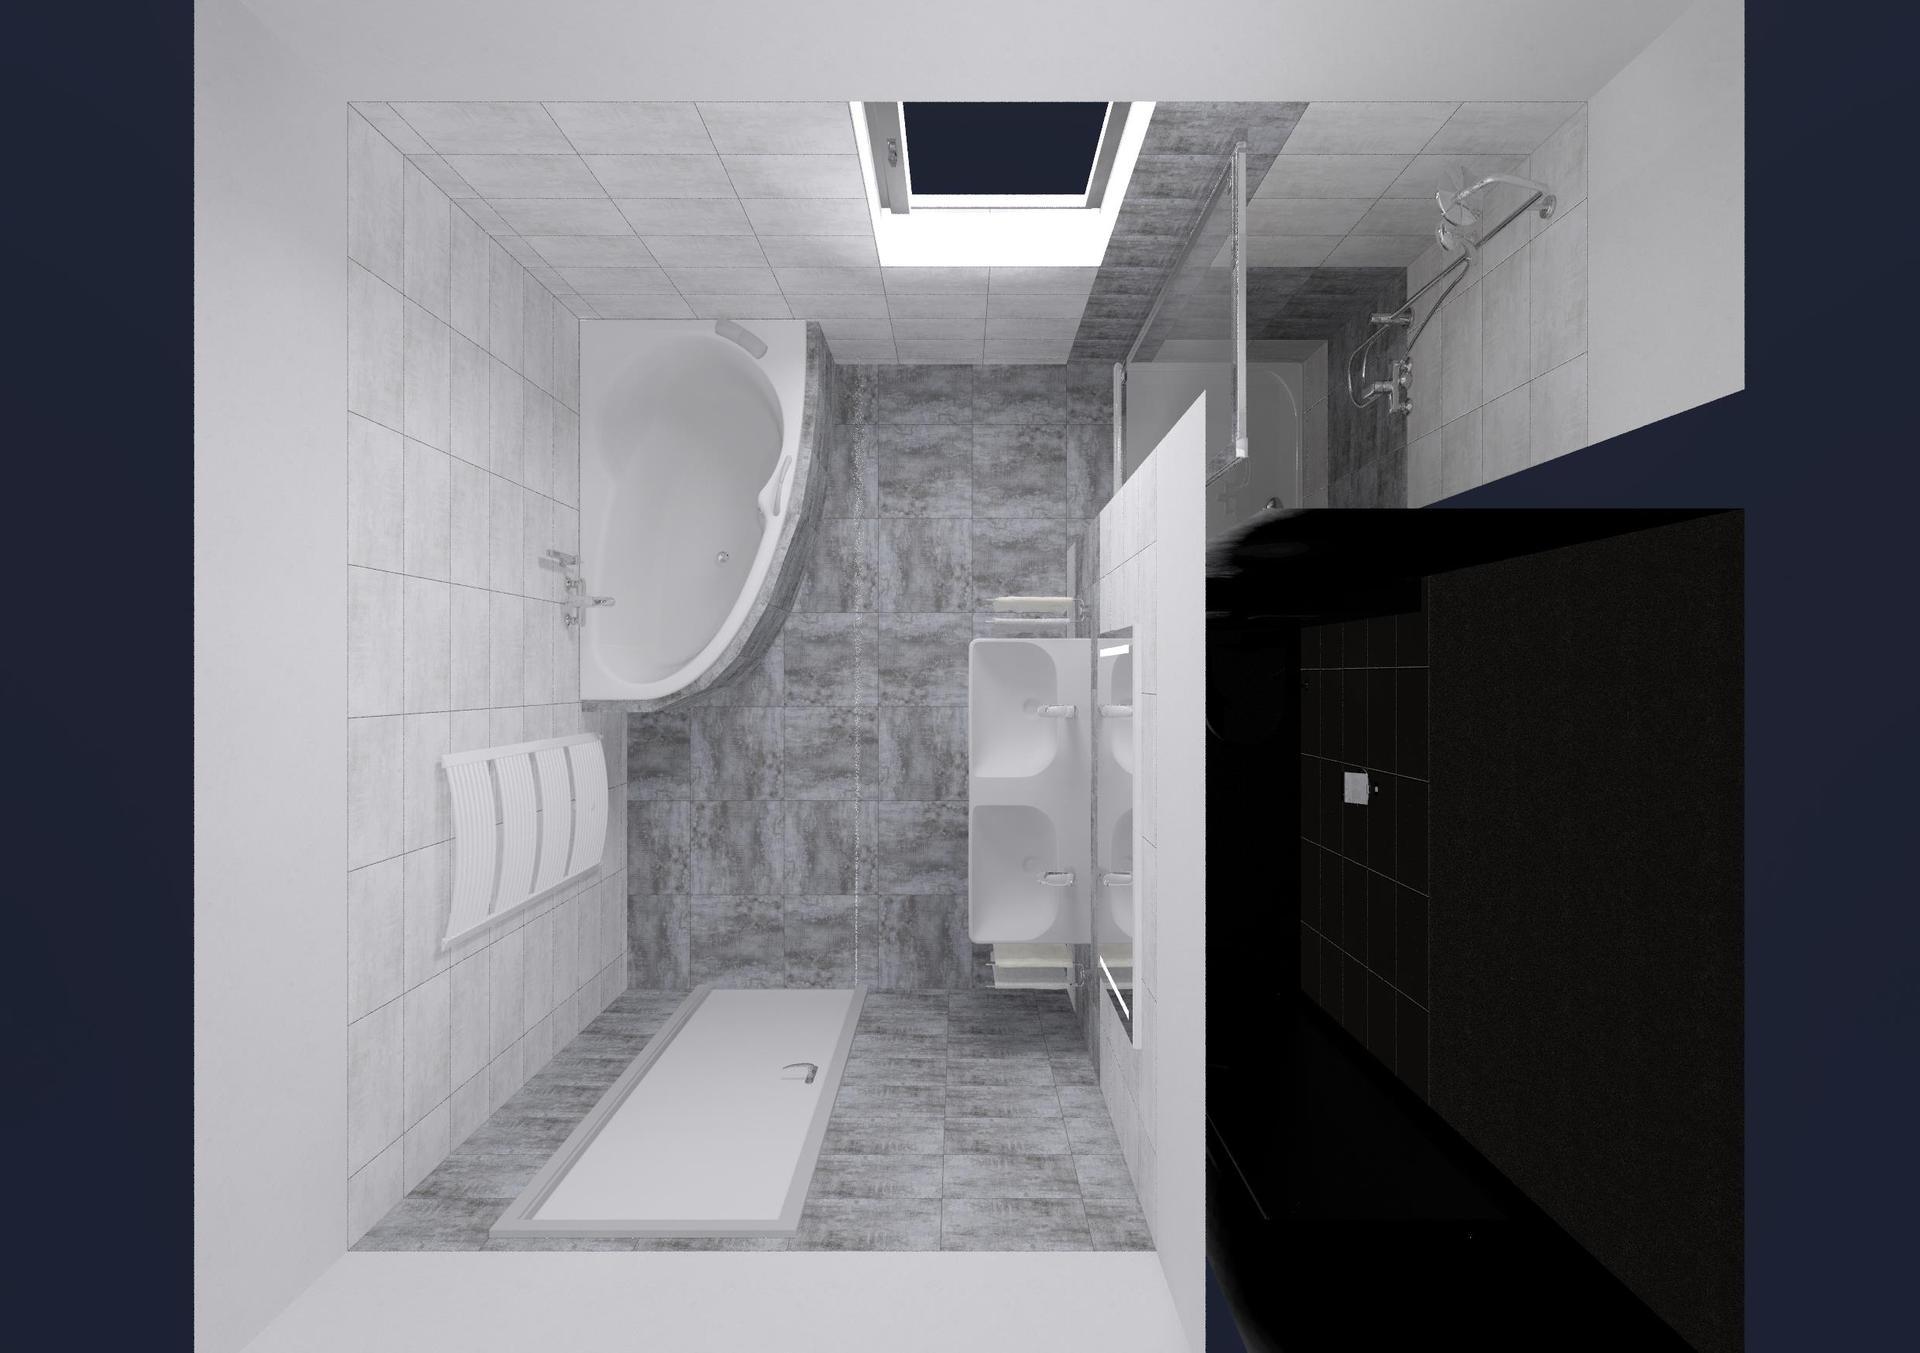 Koupelna a toaleta - návrh - Obrázek č. 3